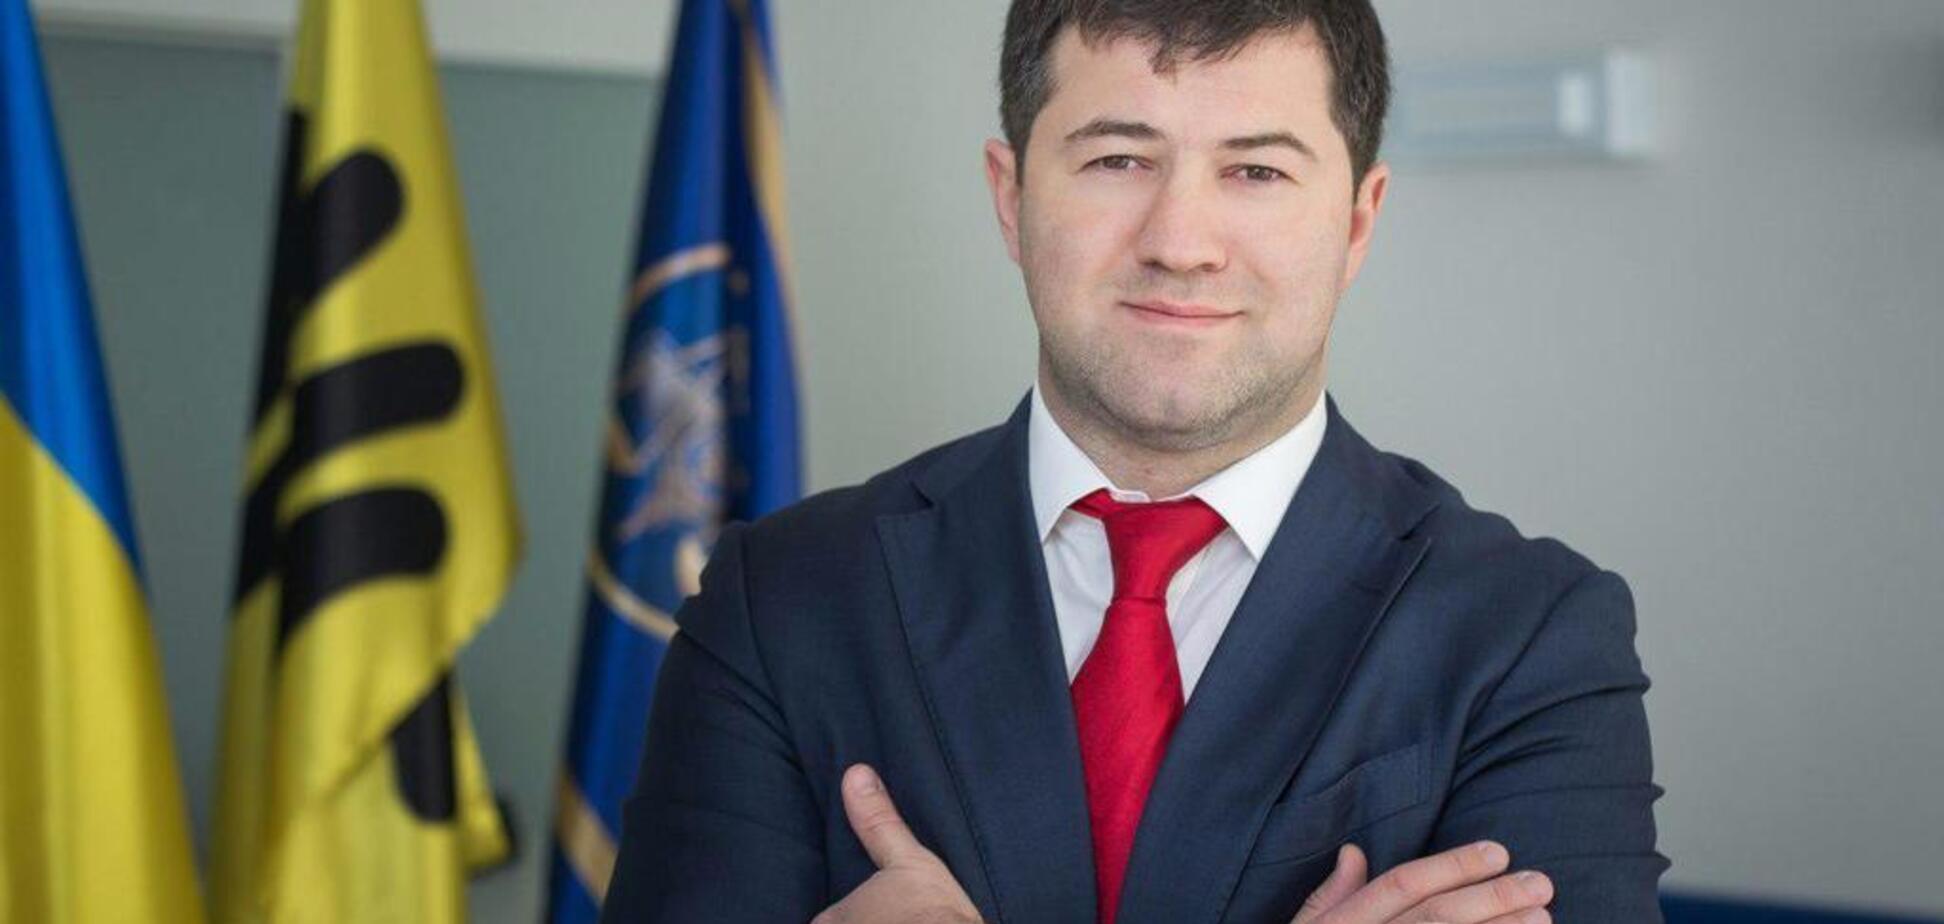 Насірова обрано до складу НОК України